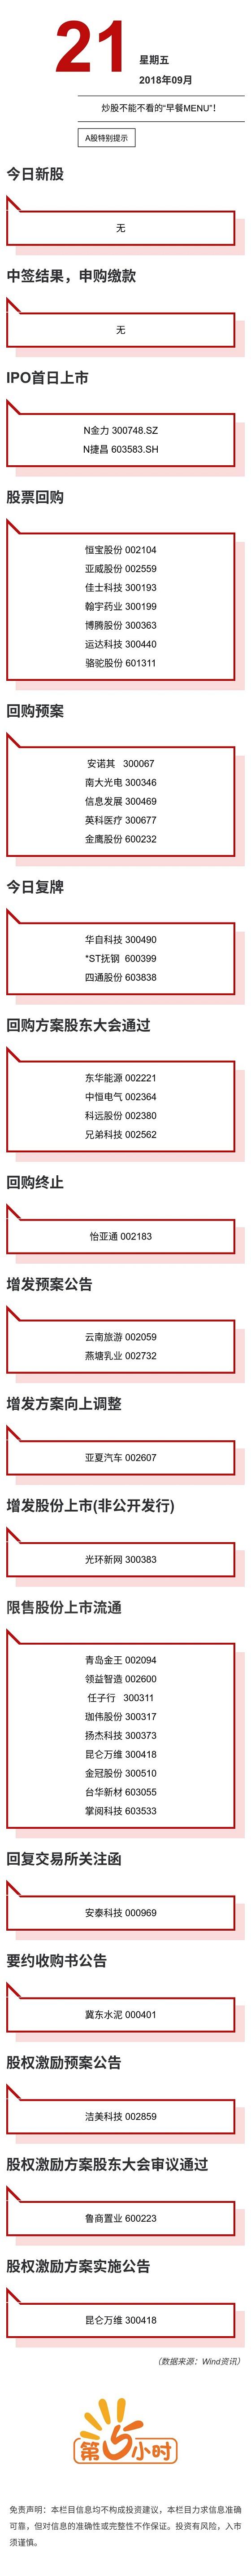 A股特别提示(2018-09-21).jpg